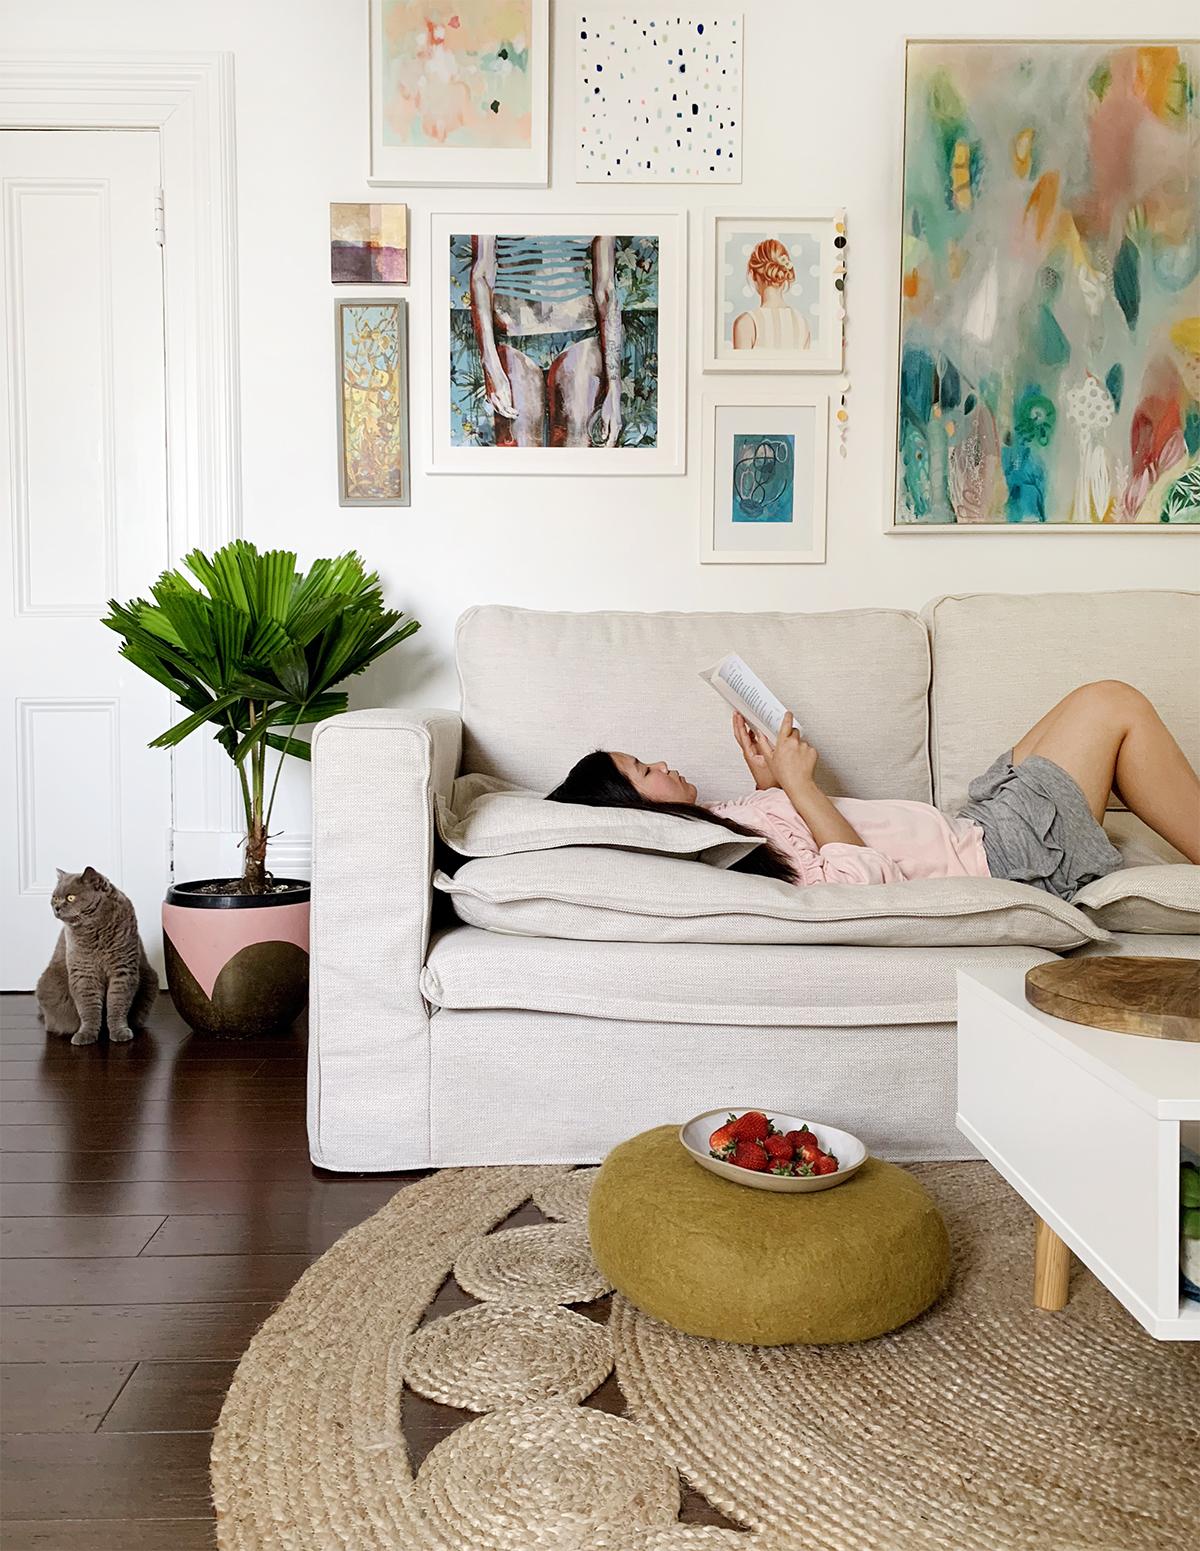 Choosing a sofa